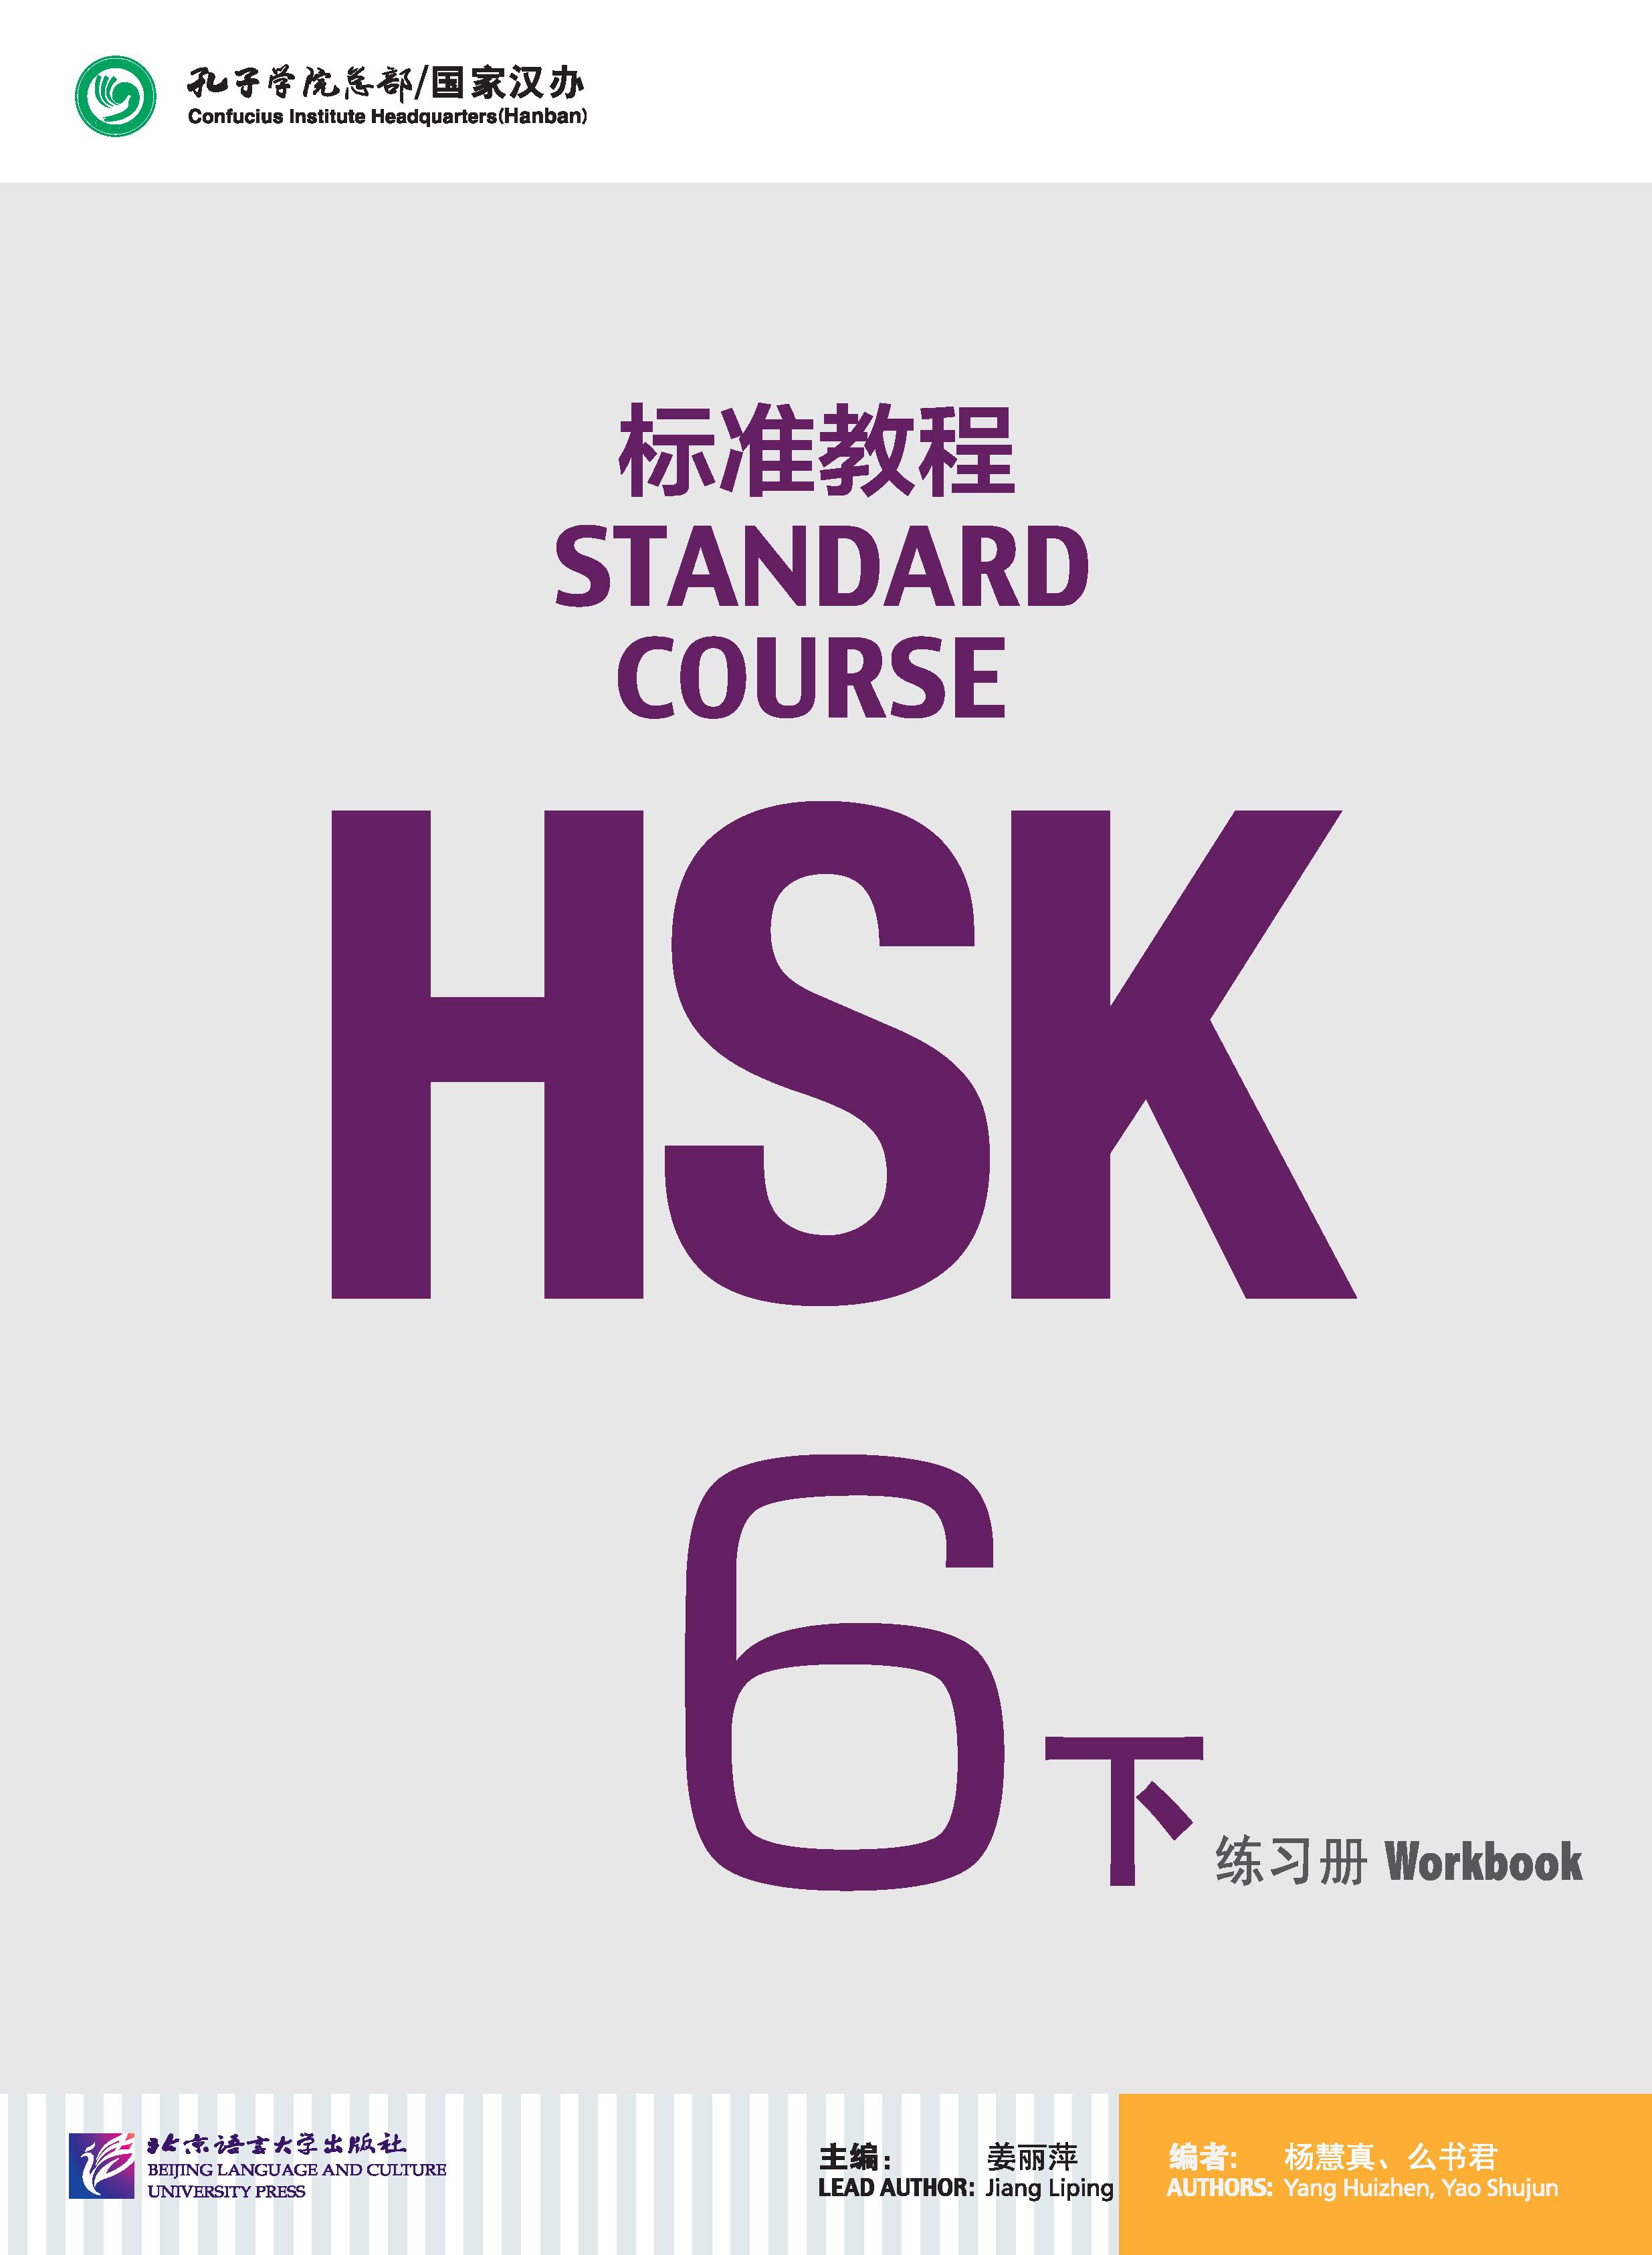 หนังสือข้อสอบ HSK Standard Course ระดับ 6B (แบบฝึกหัด + MP3)